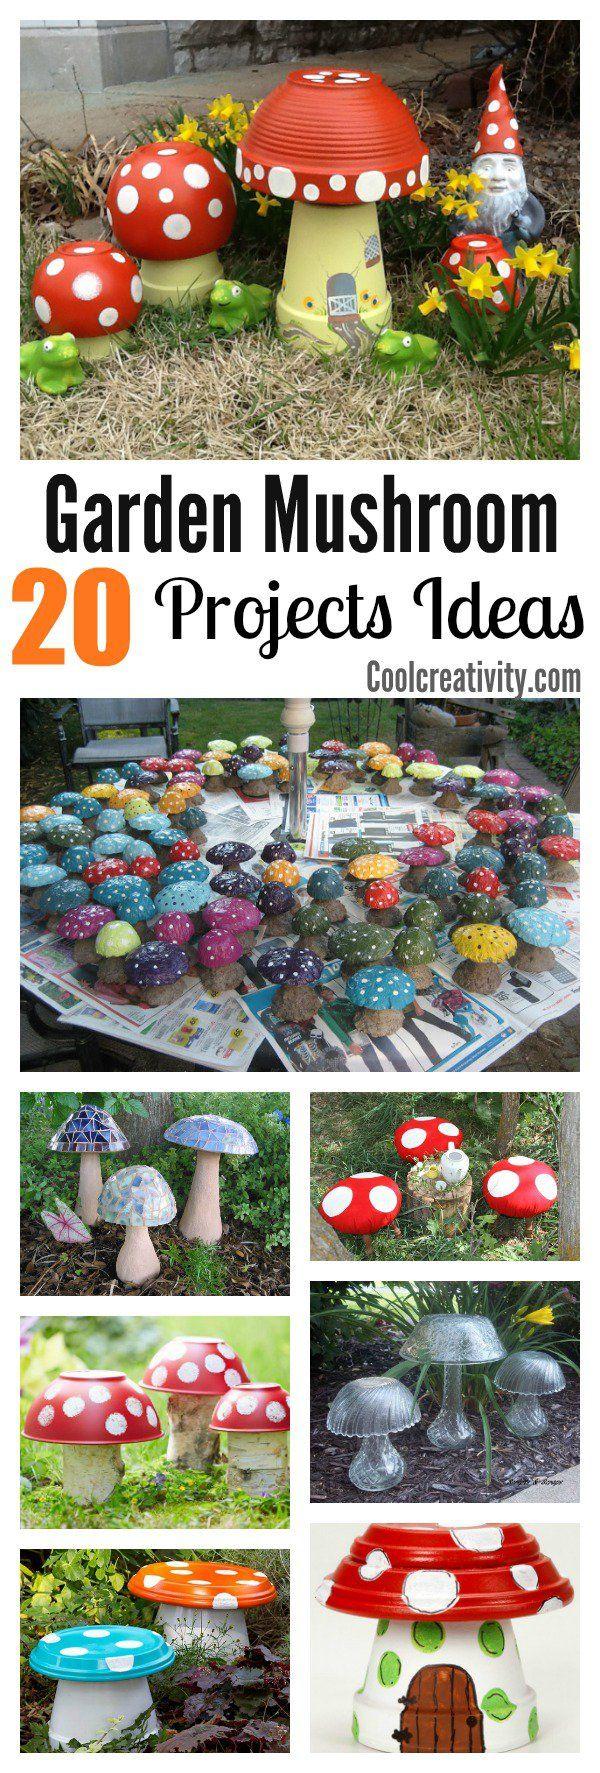 Best 25+ Garden mushrooms ideas on Pinterest